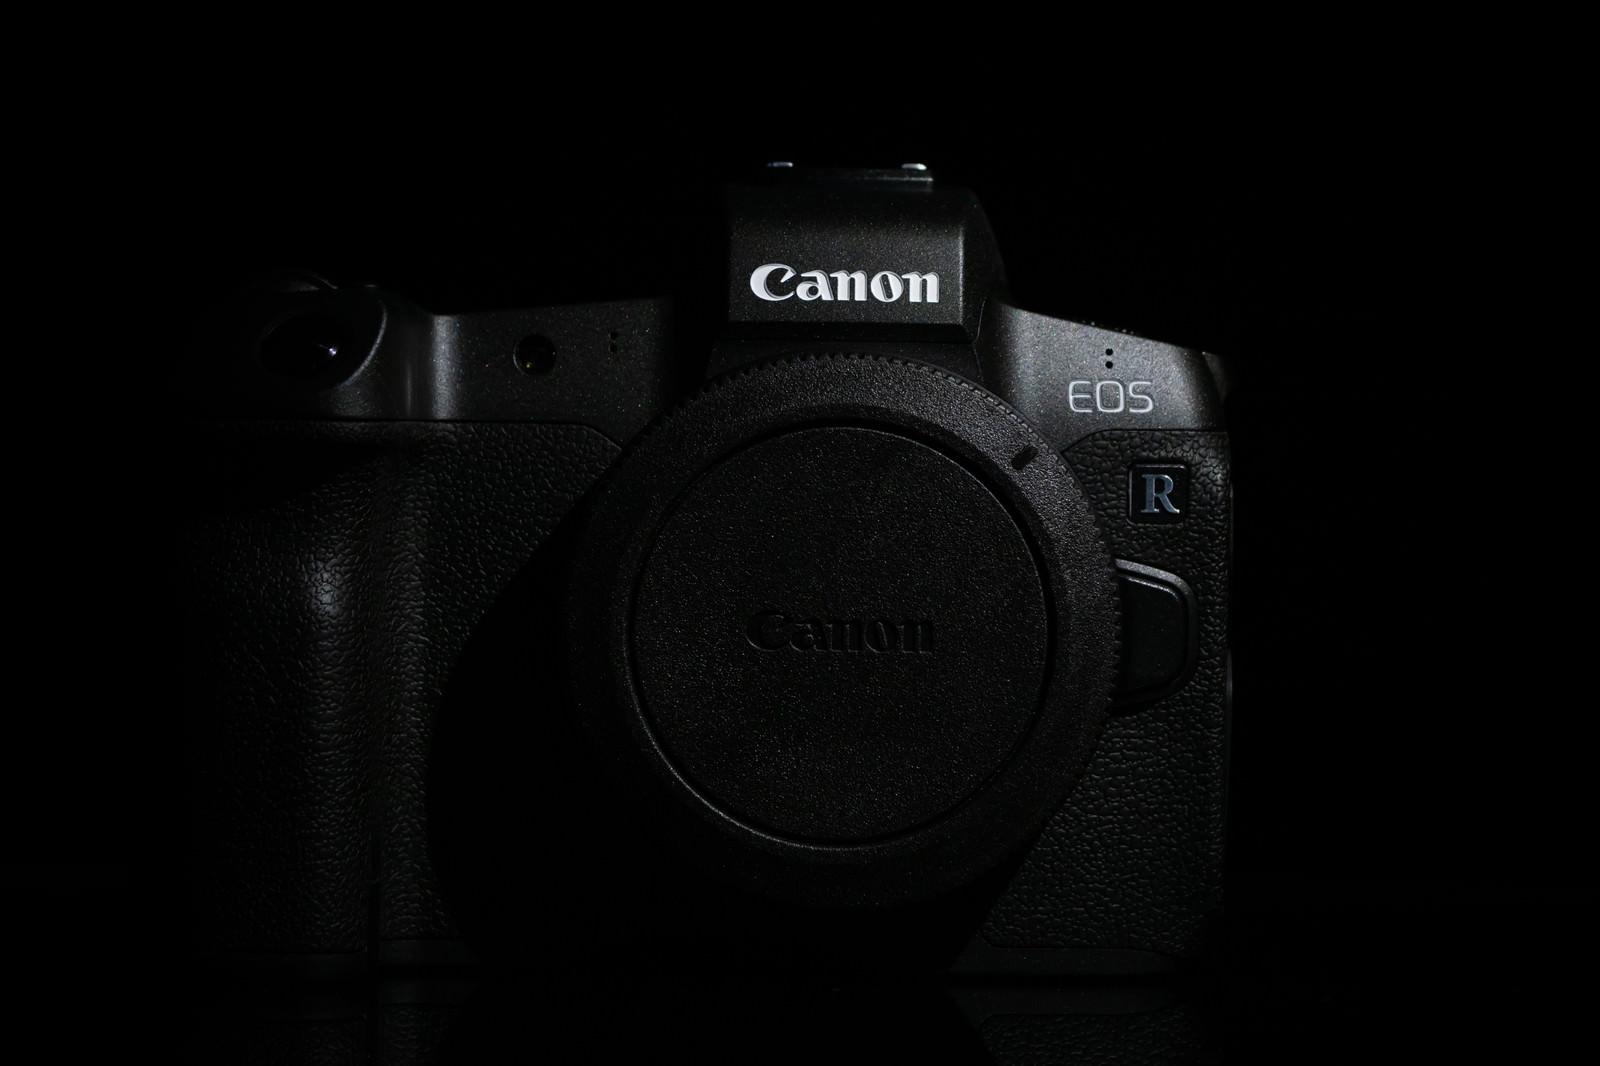 「デジタルミラーレス一眼レフカメラ ボディキャップ付ボディ(CANON EOS R)」の写真